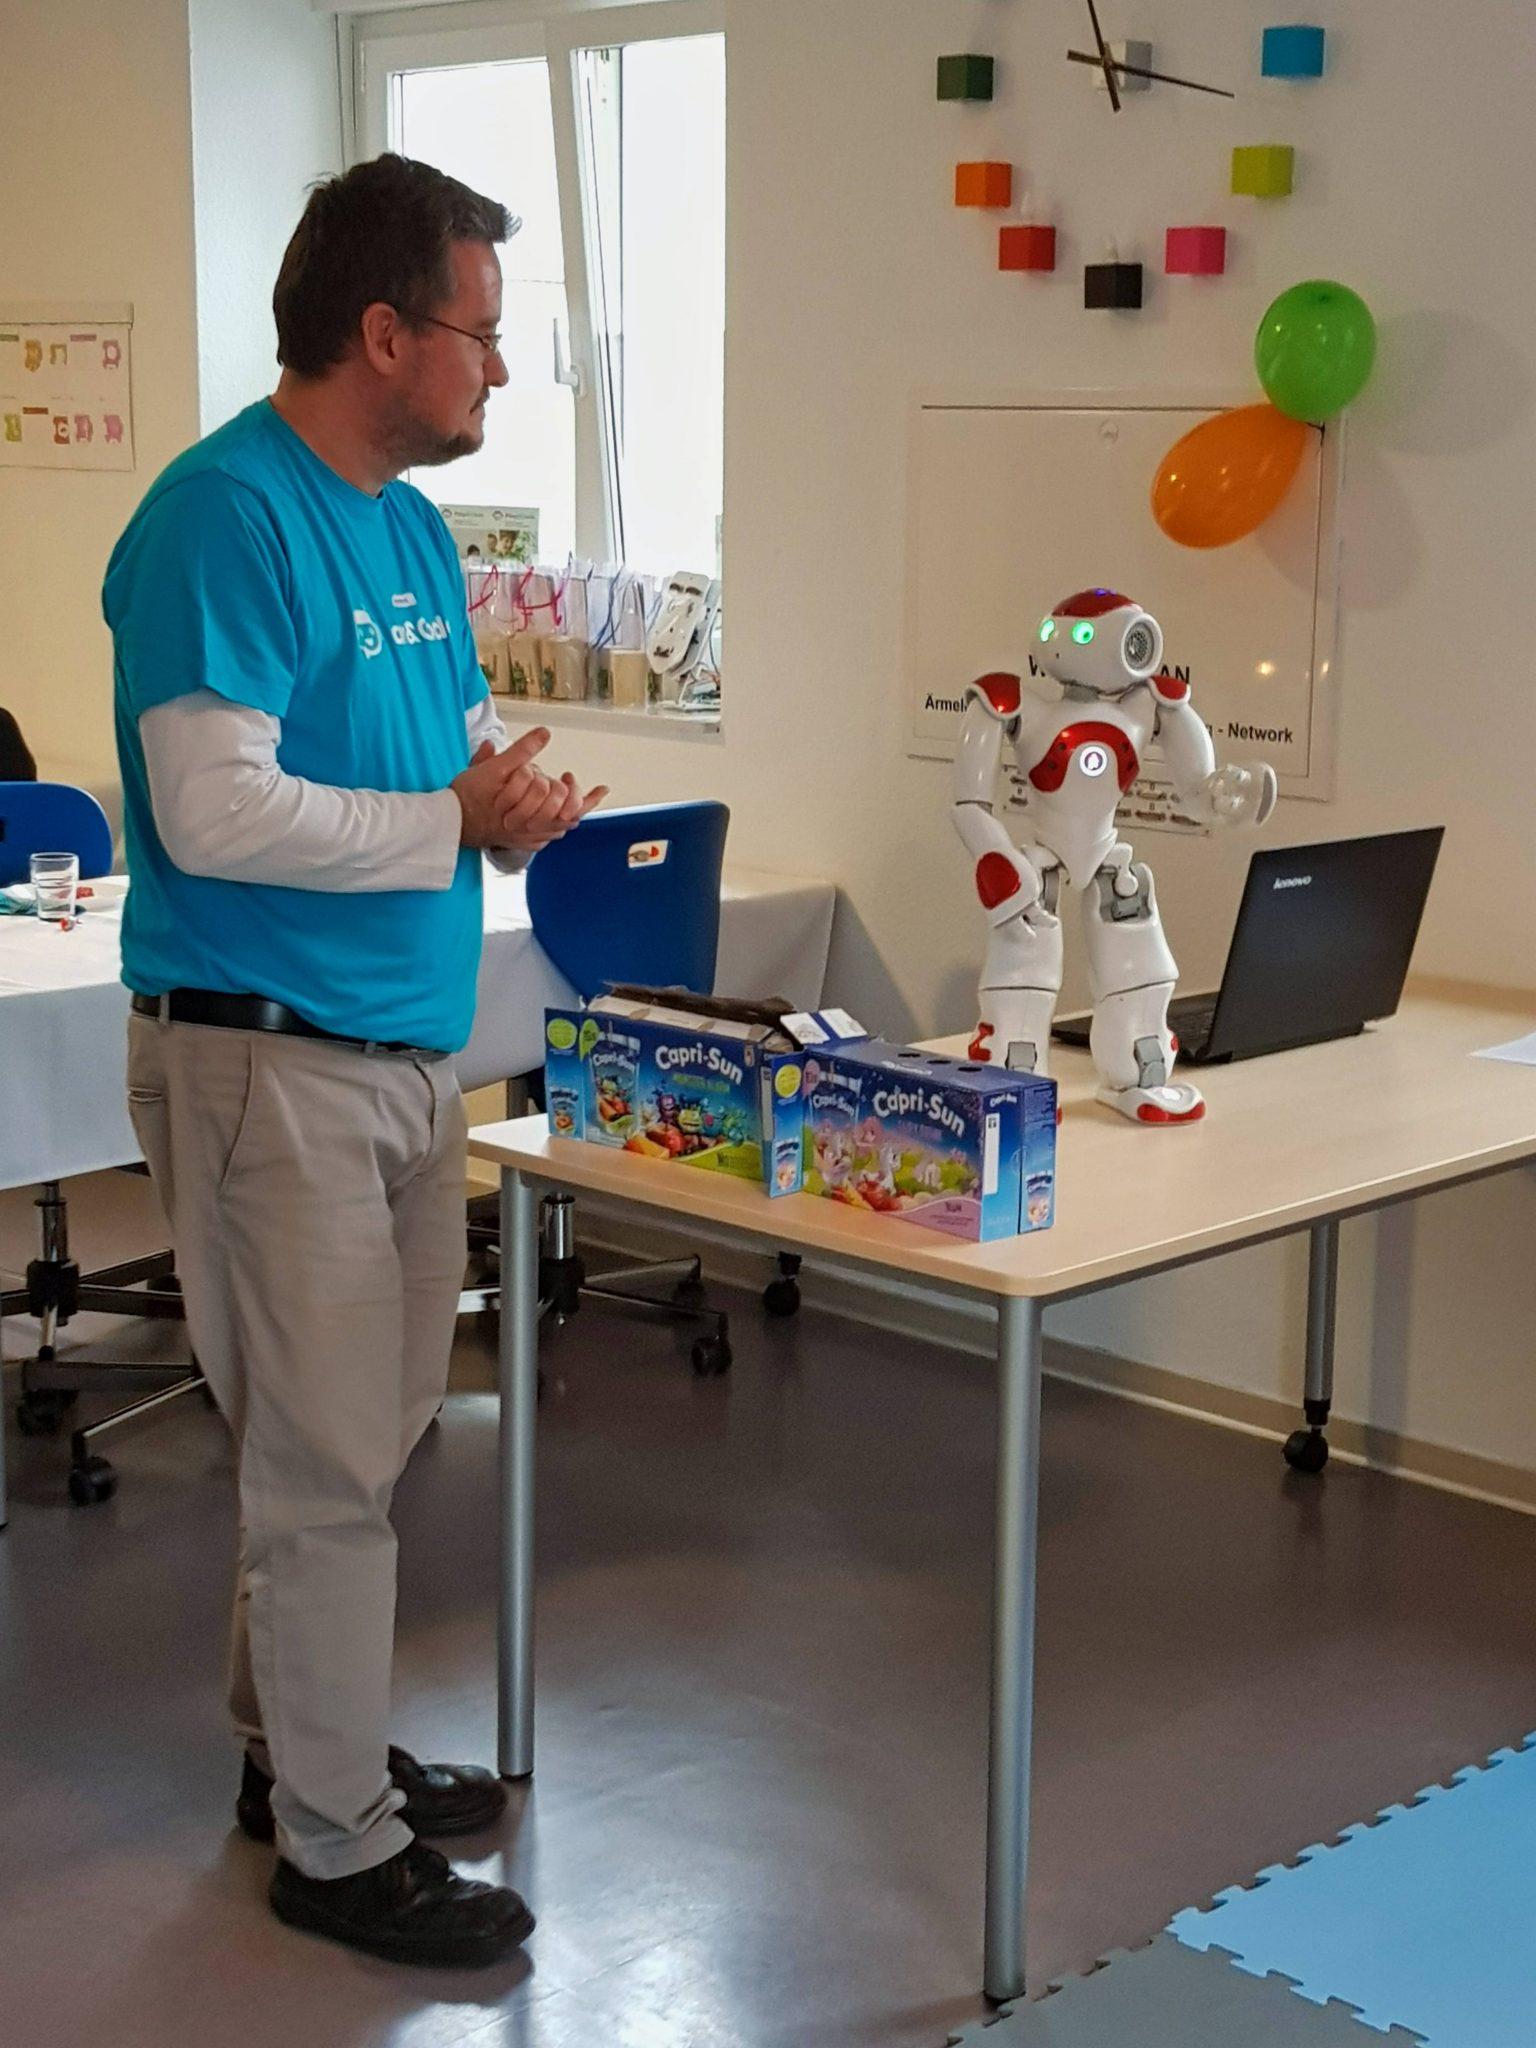 Kursleiter Patrick zeigt den Kindern den humanoiden Roboter Nao bei einem Kindergeburtstag